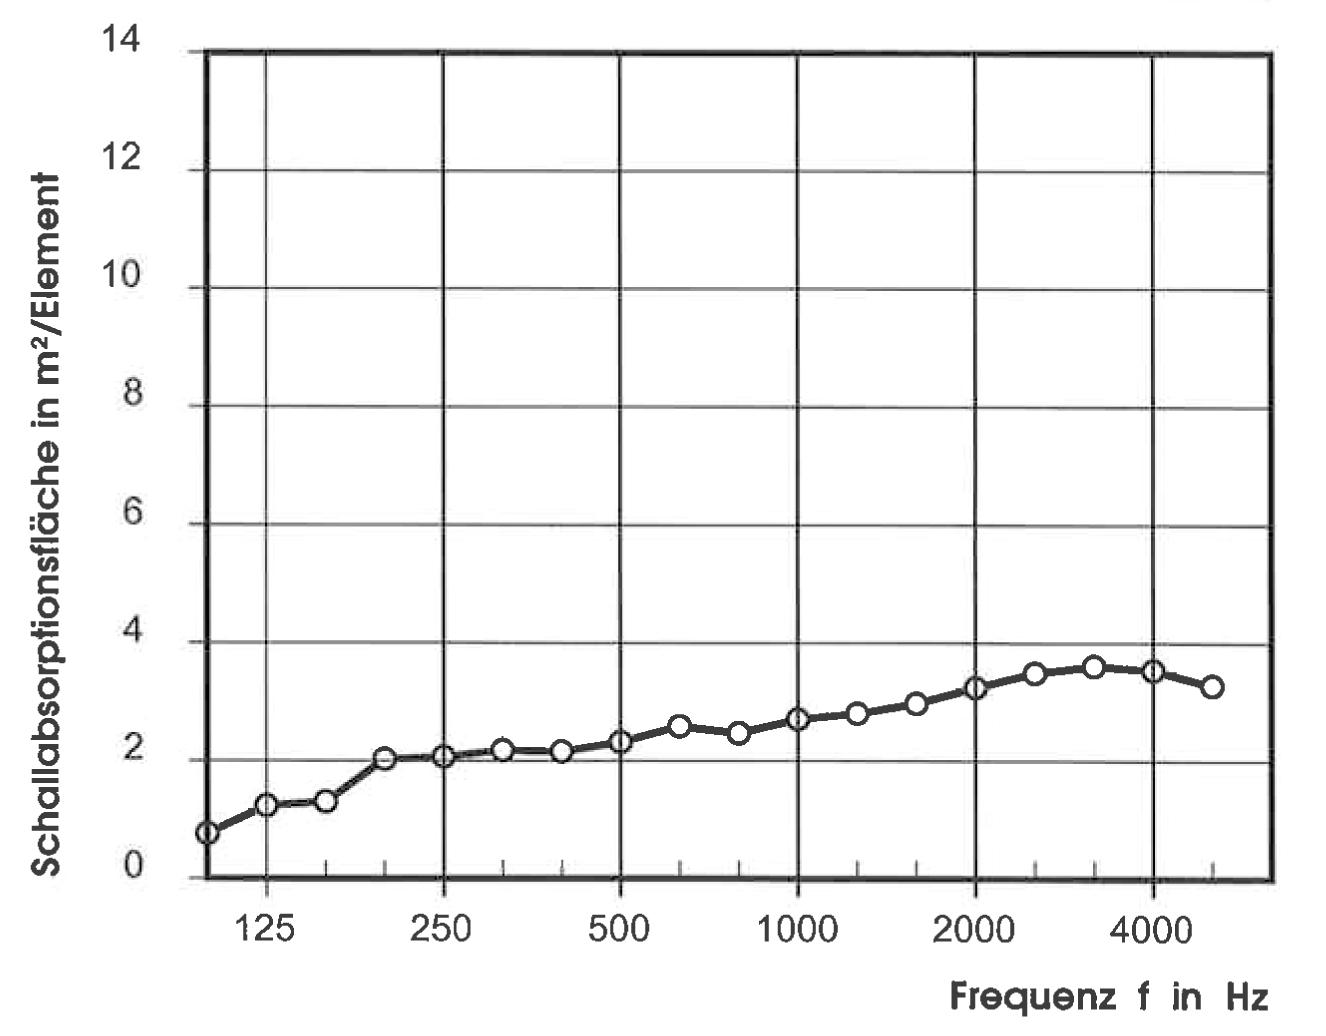 акустические характеристики solitar mikropor g canopy gerade